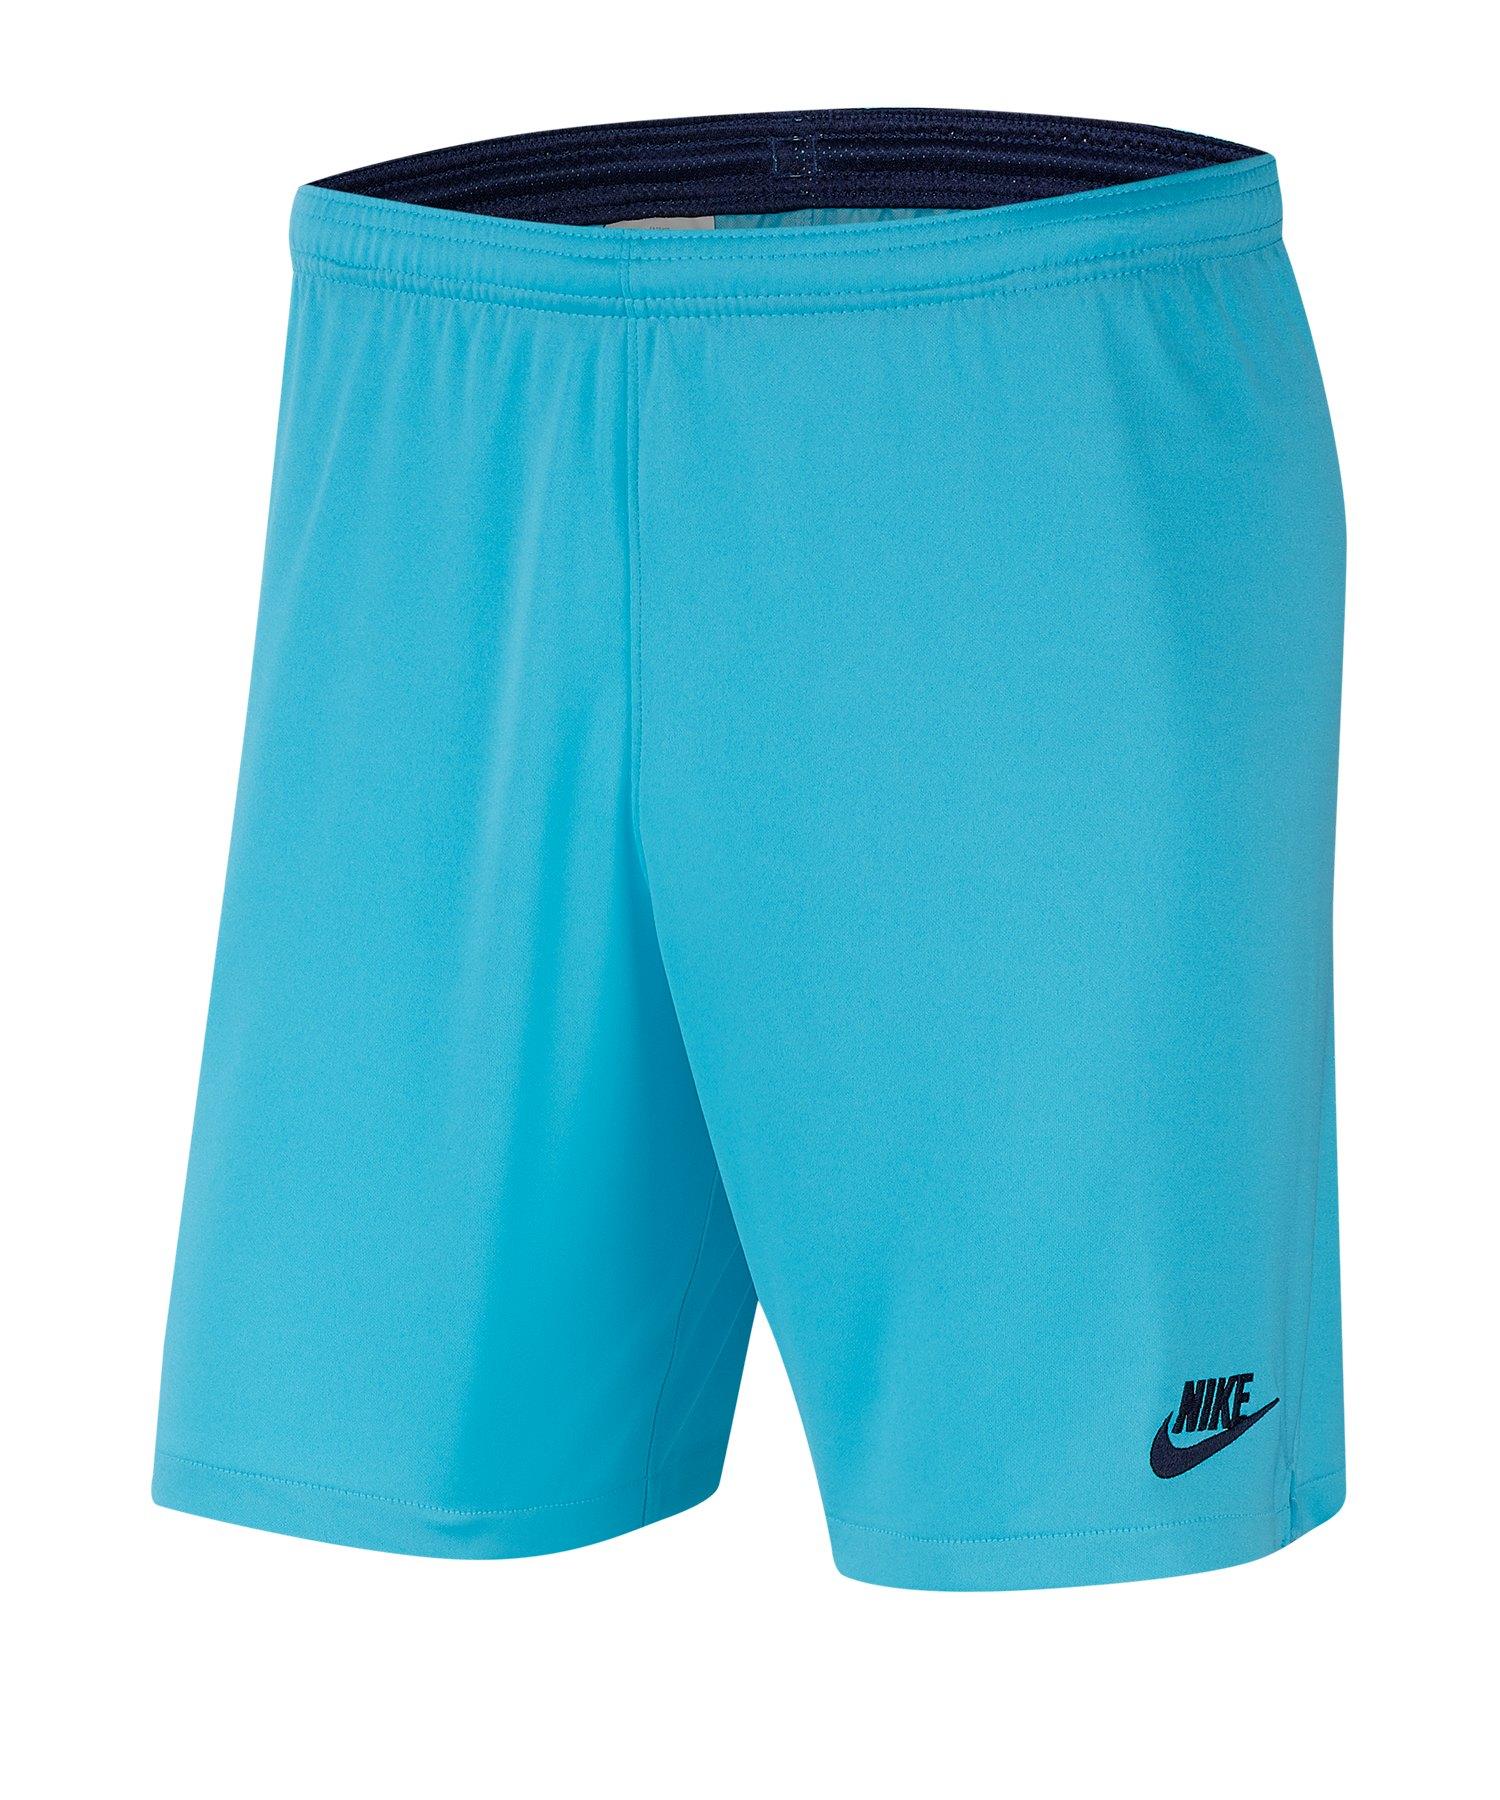 Nike Tottenham Hotspur Short UCL 2019/2020 F486 - blau